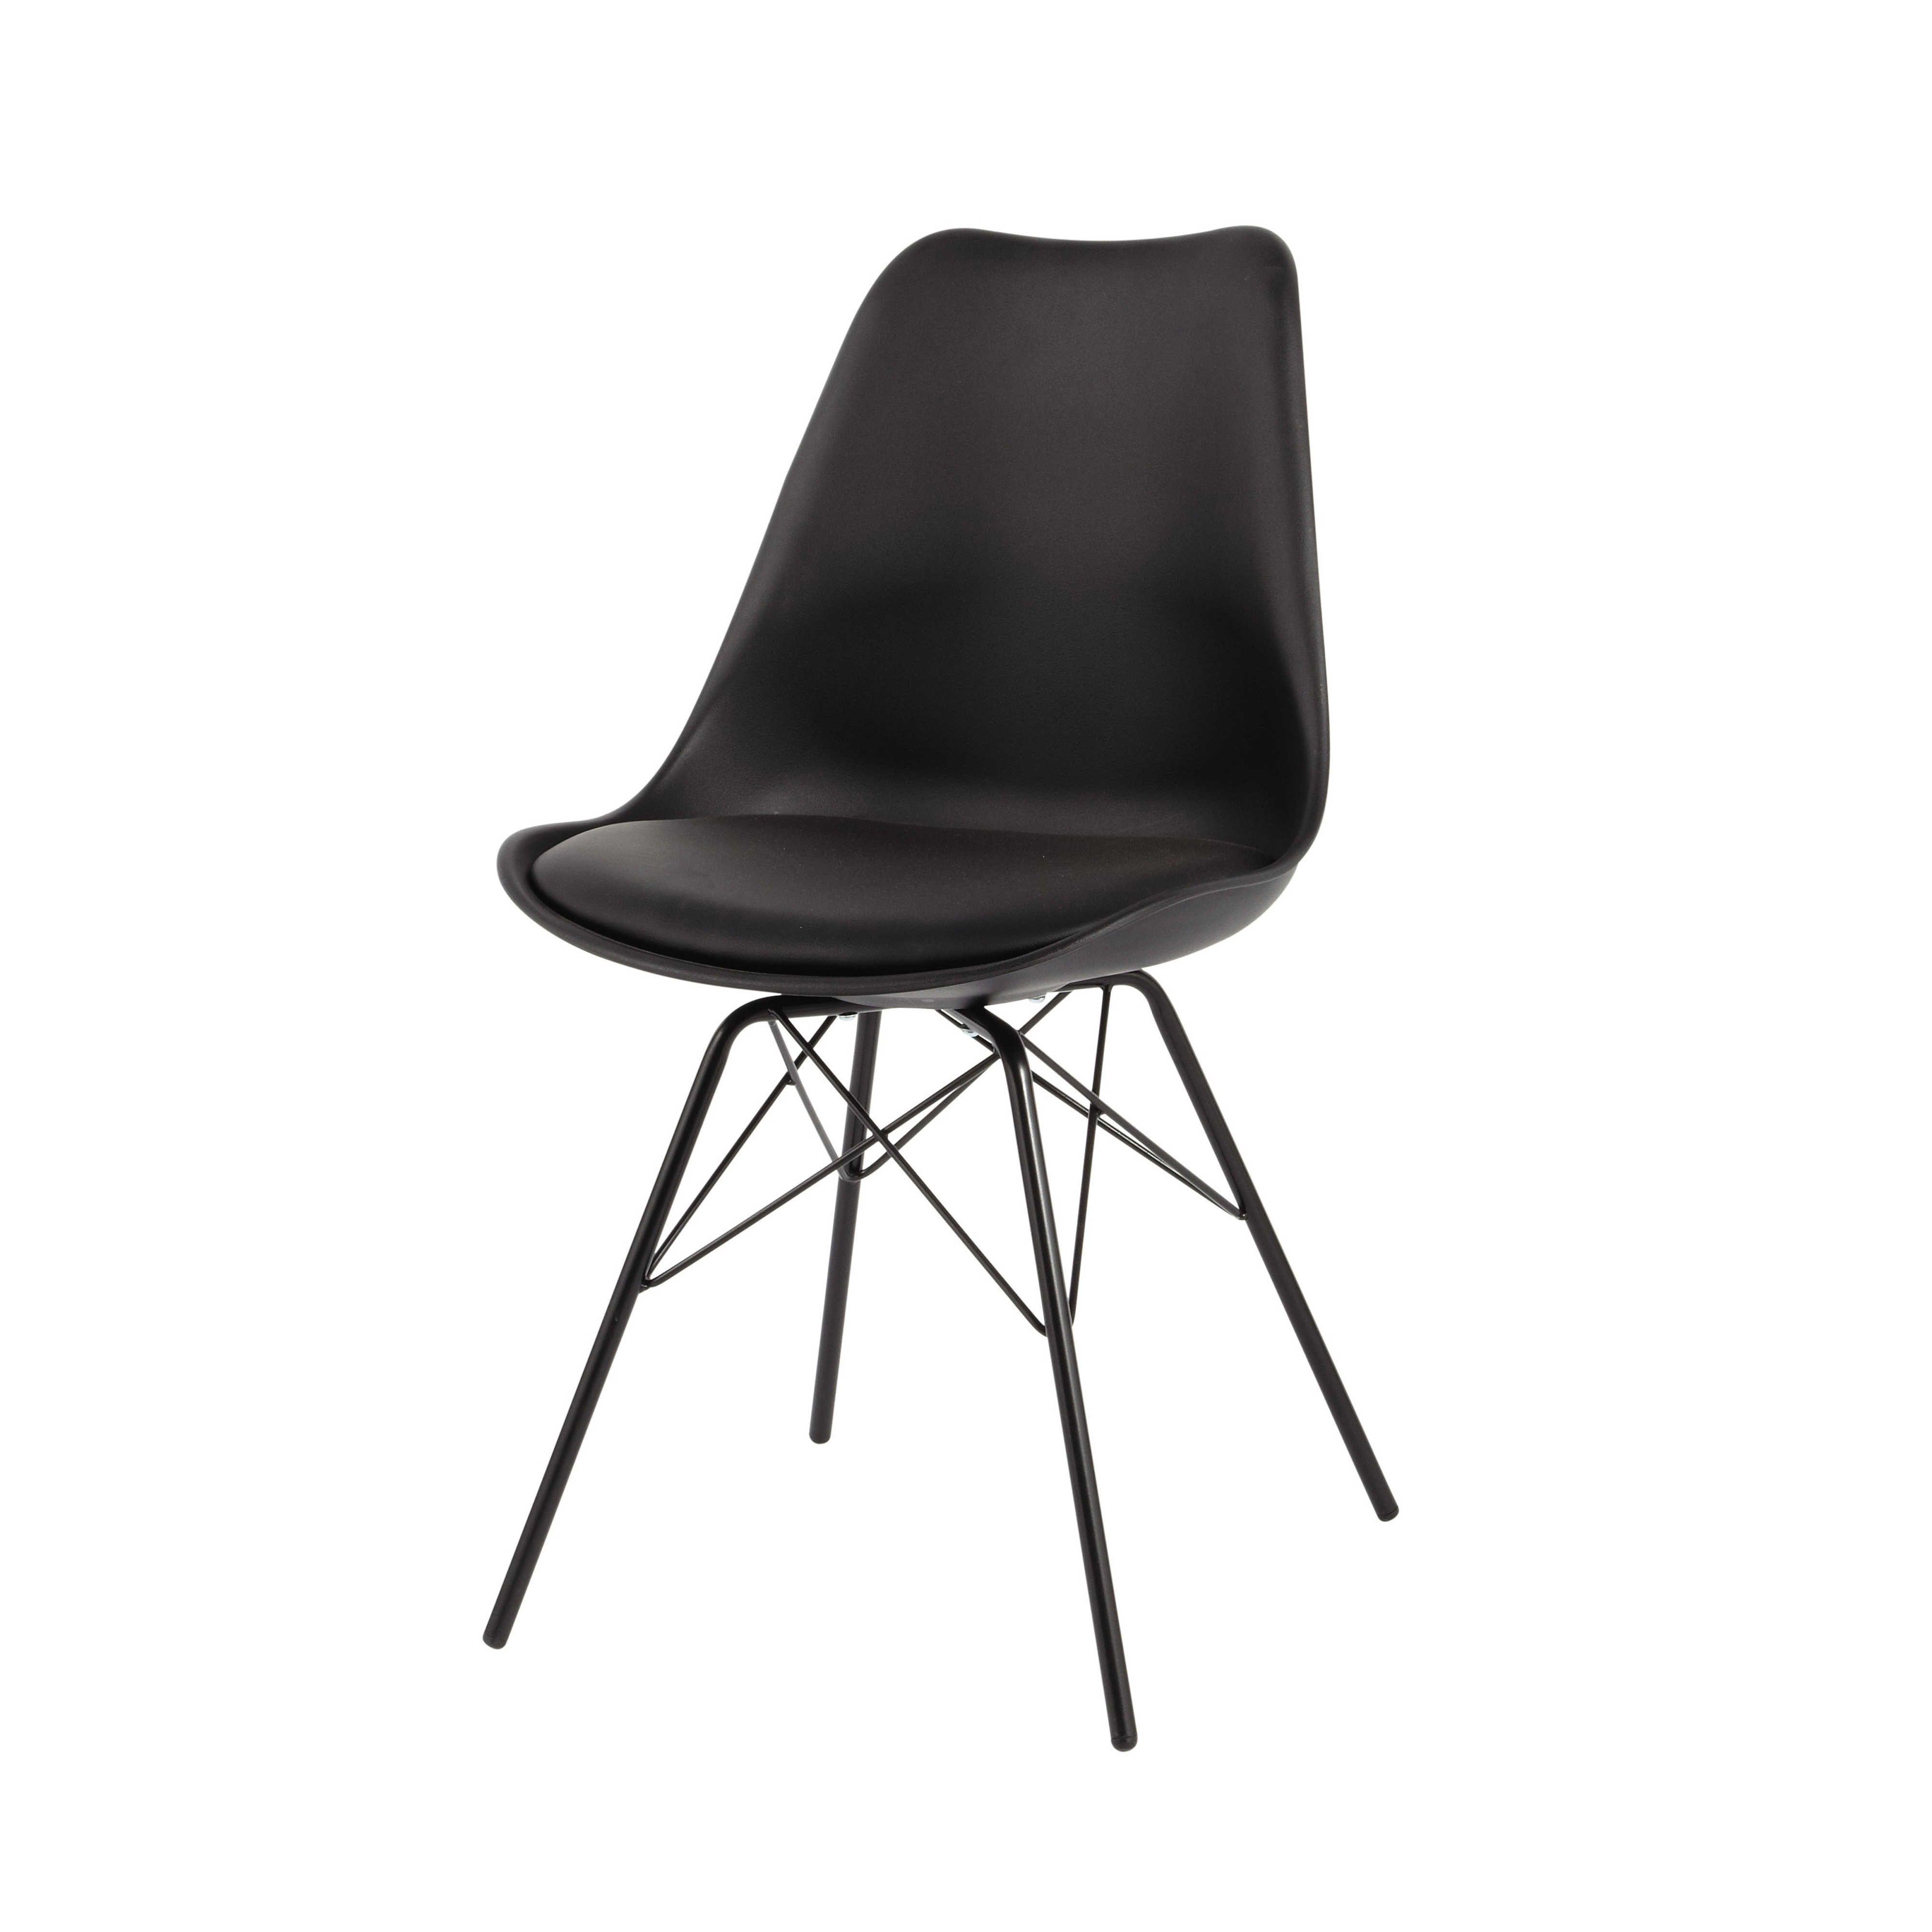 chaise en polypropylene et metal noire coventry metallstuhle coventry schwarze metallstuhle